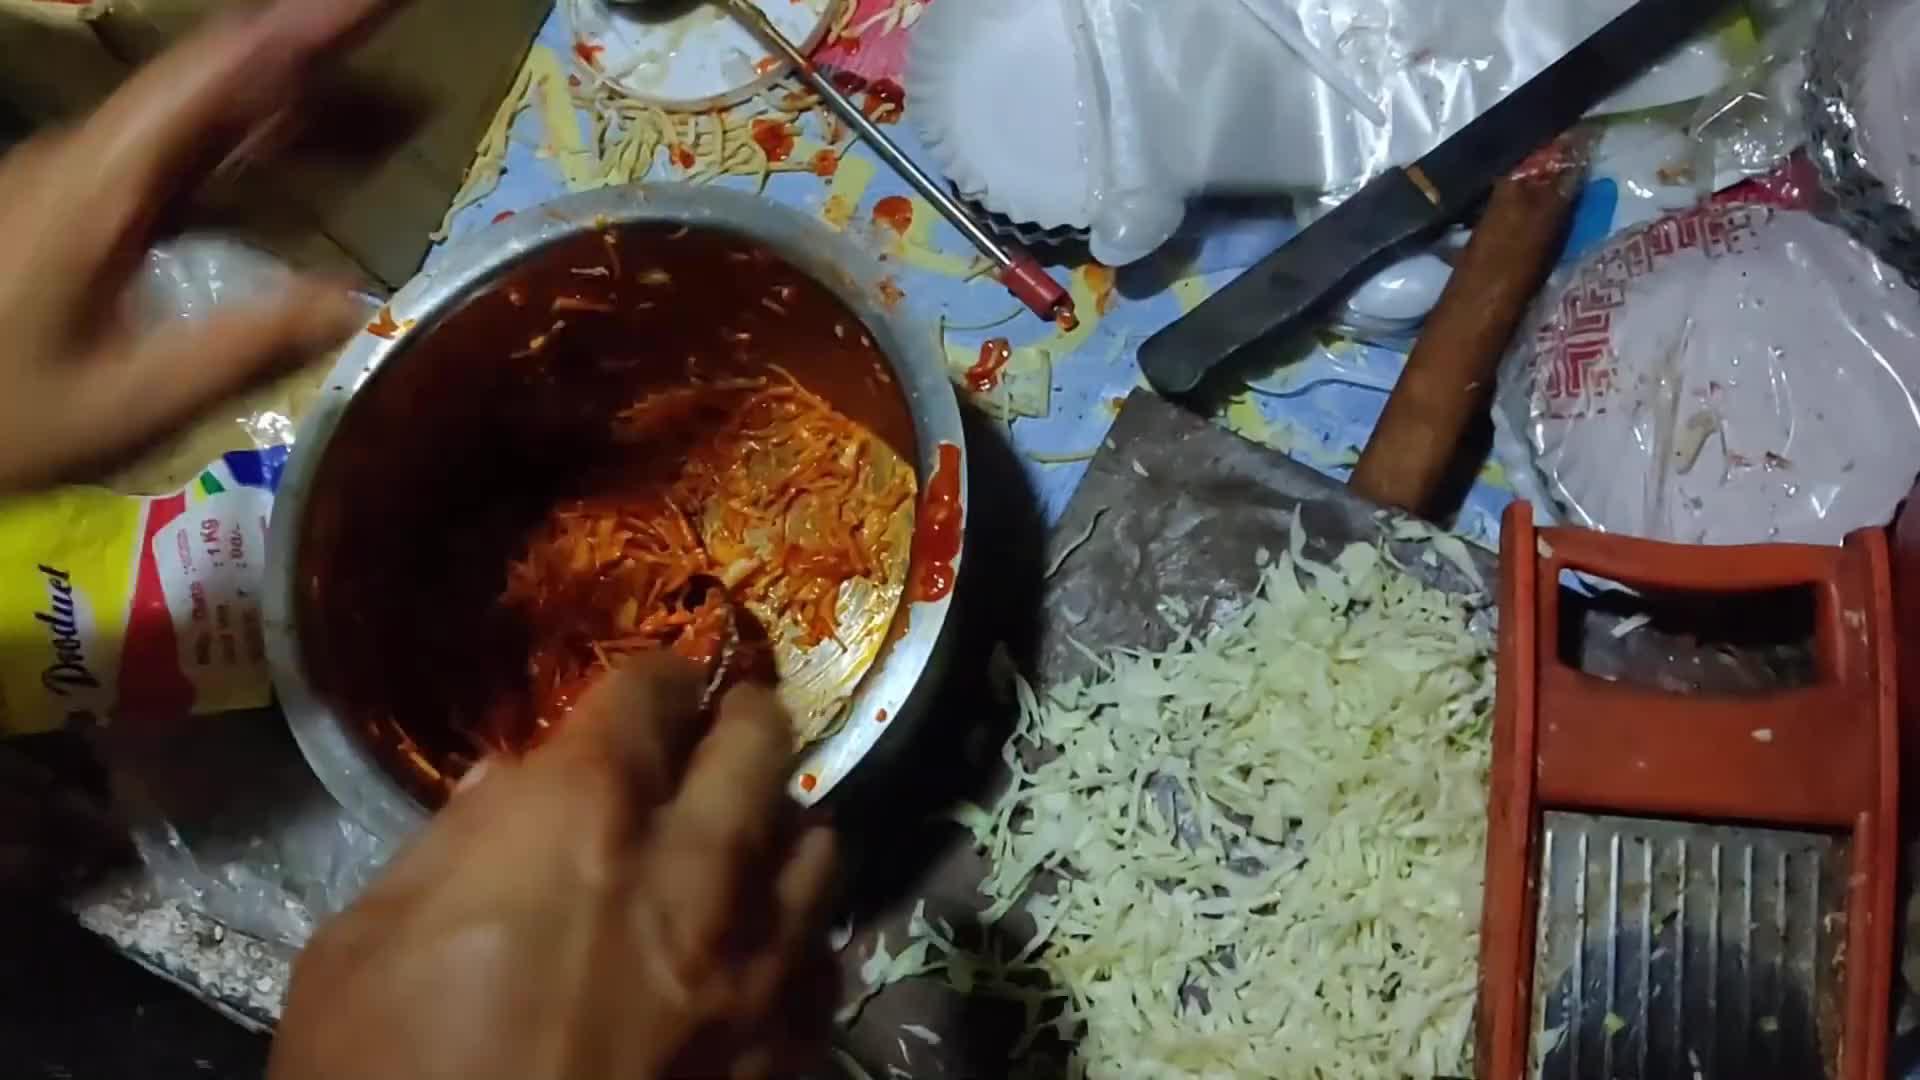 印度街头奇葩零食,调料像不要钱一样往里加,吃完嘴巴都很难受!